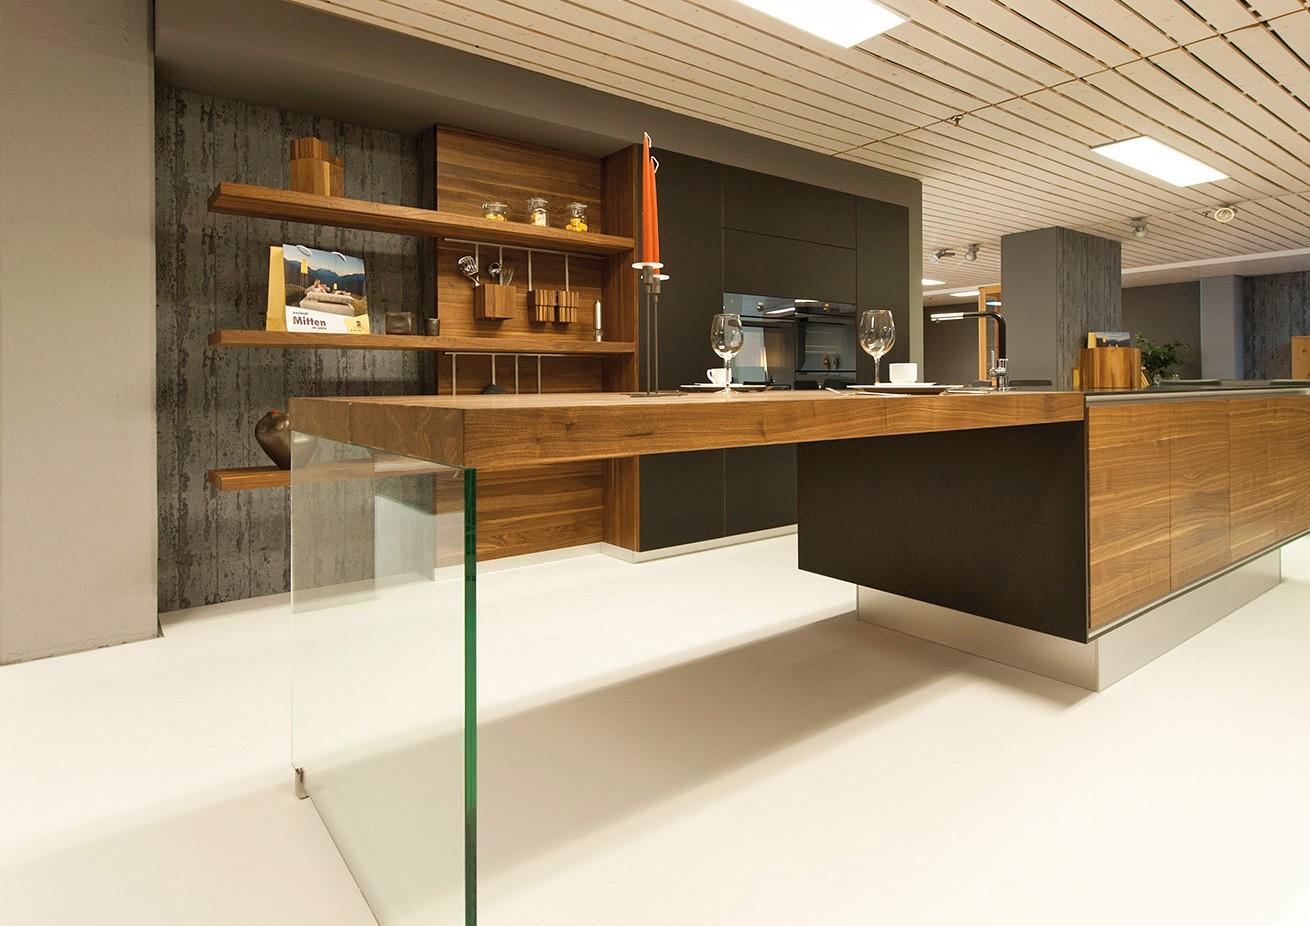 Entdecken Sie die Küche Vao in unserer Ausstellung –  wir freuen uns auf Ihren Besuch!